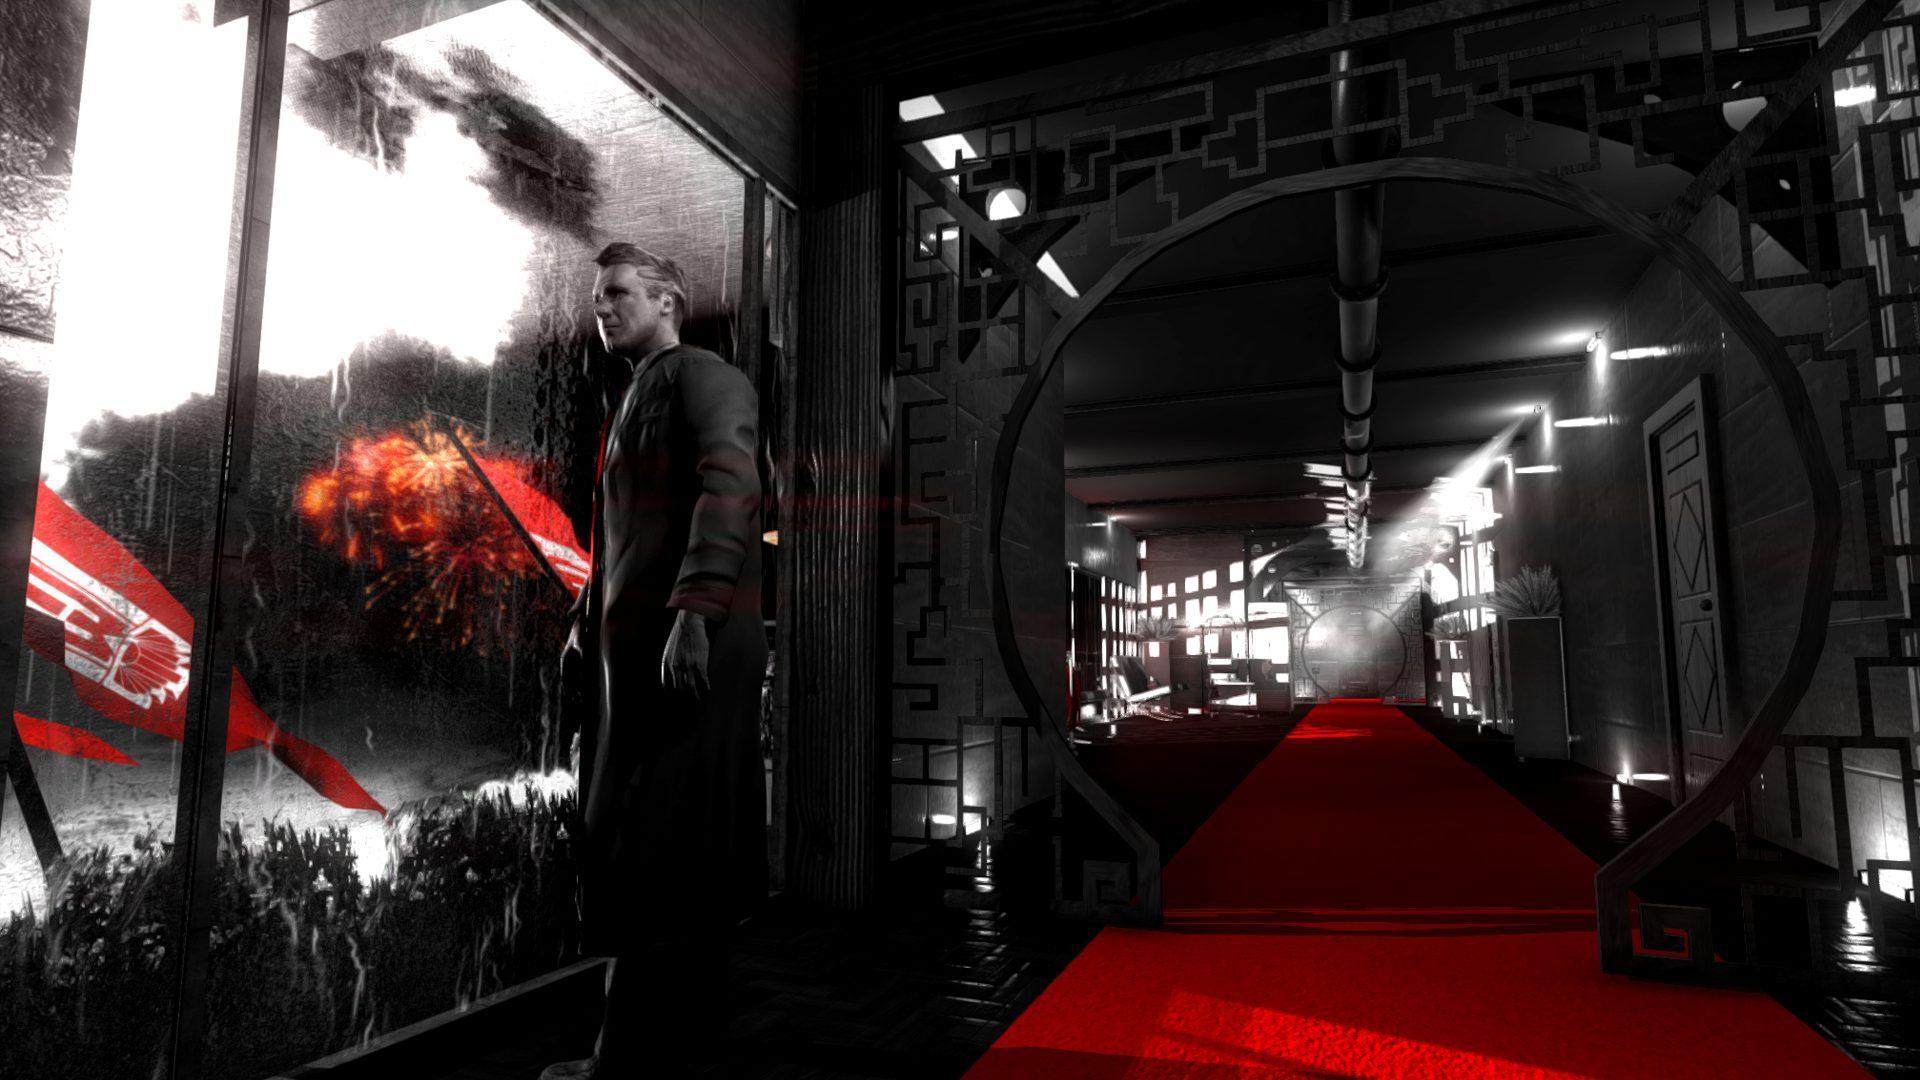 Blues and Bullets har en egen visuell design som får den att stå ut mot andra episodspel.